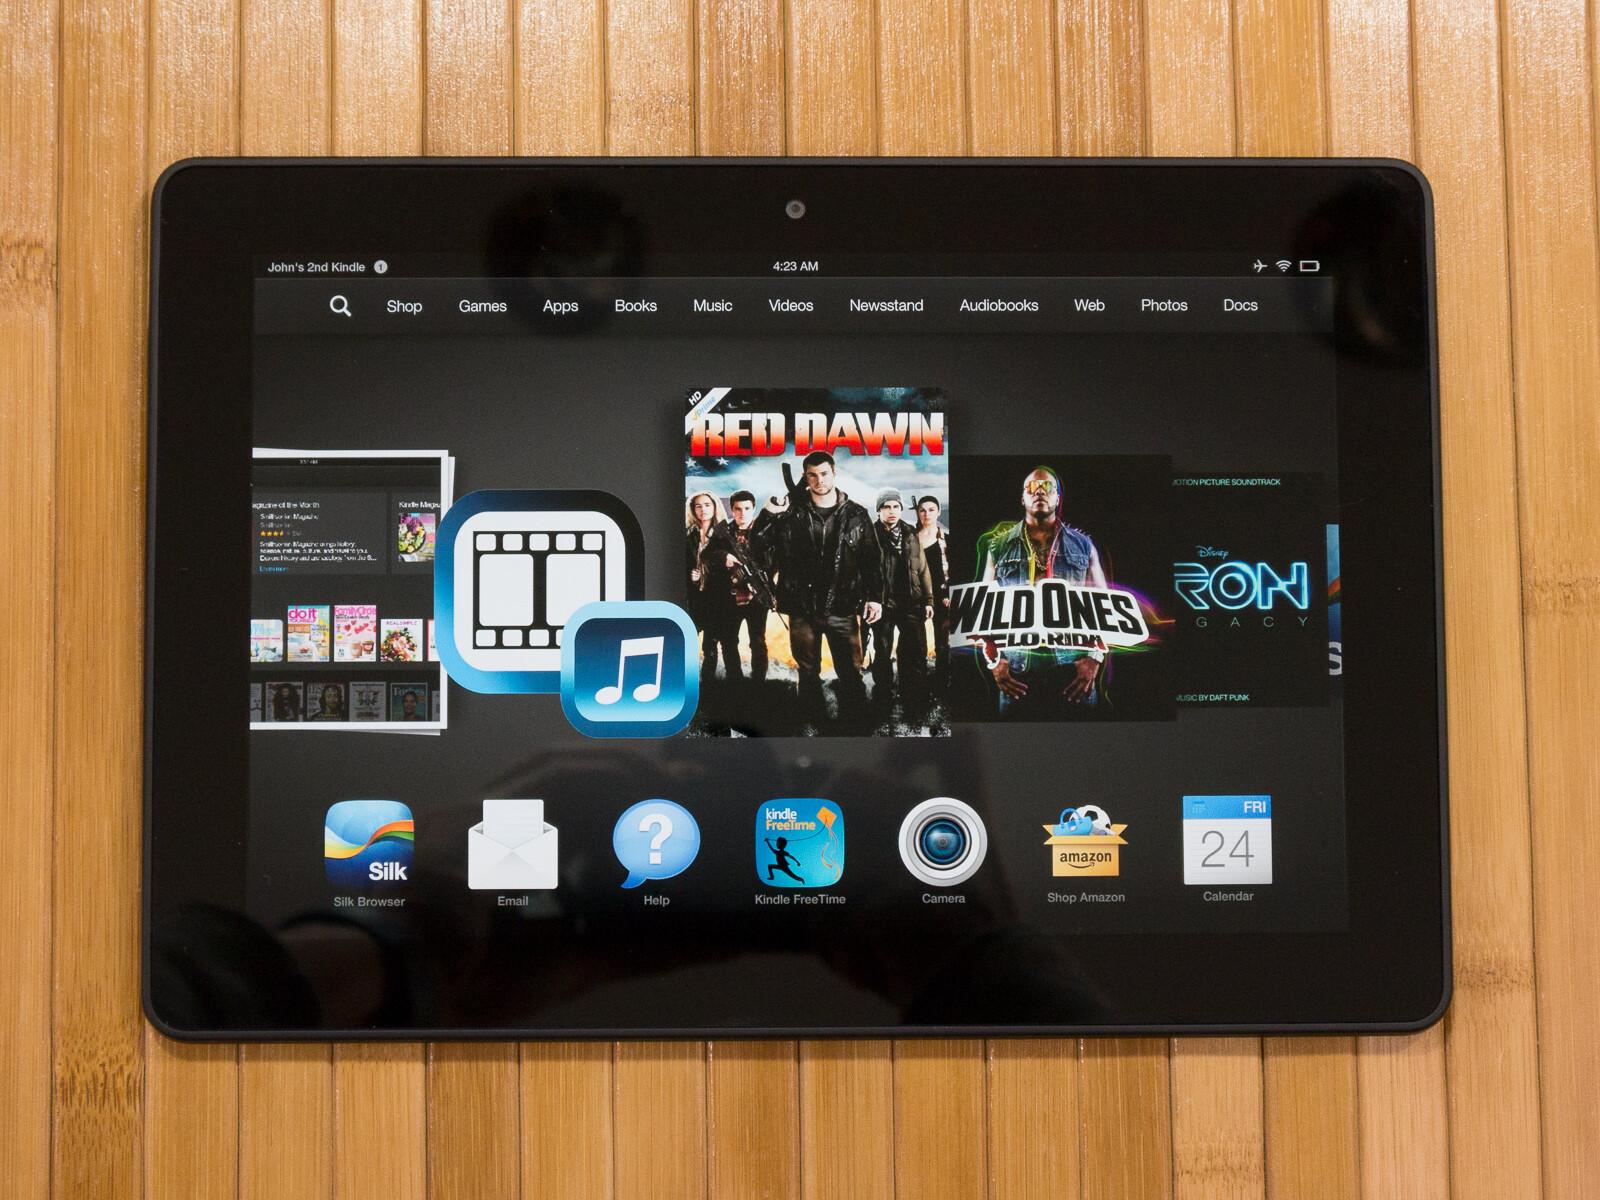 Amazon Kindle Fire Hdx 8 9 Specs